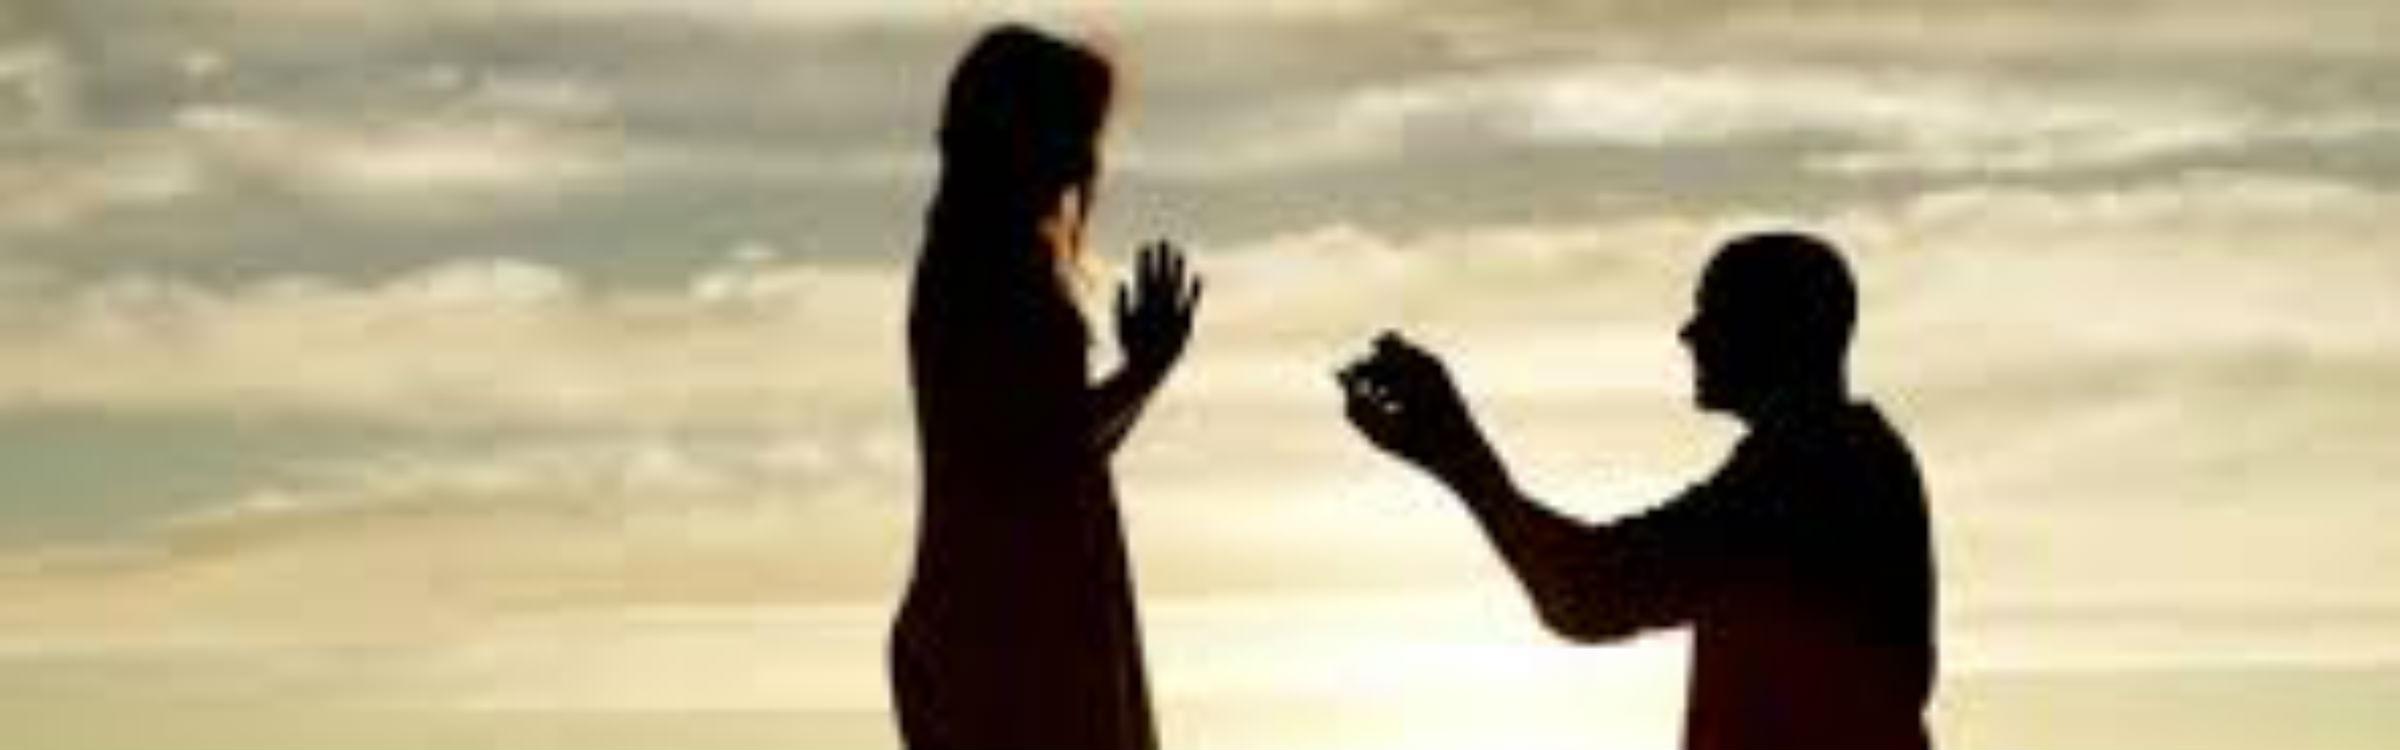 Huwelijksaanzoek header